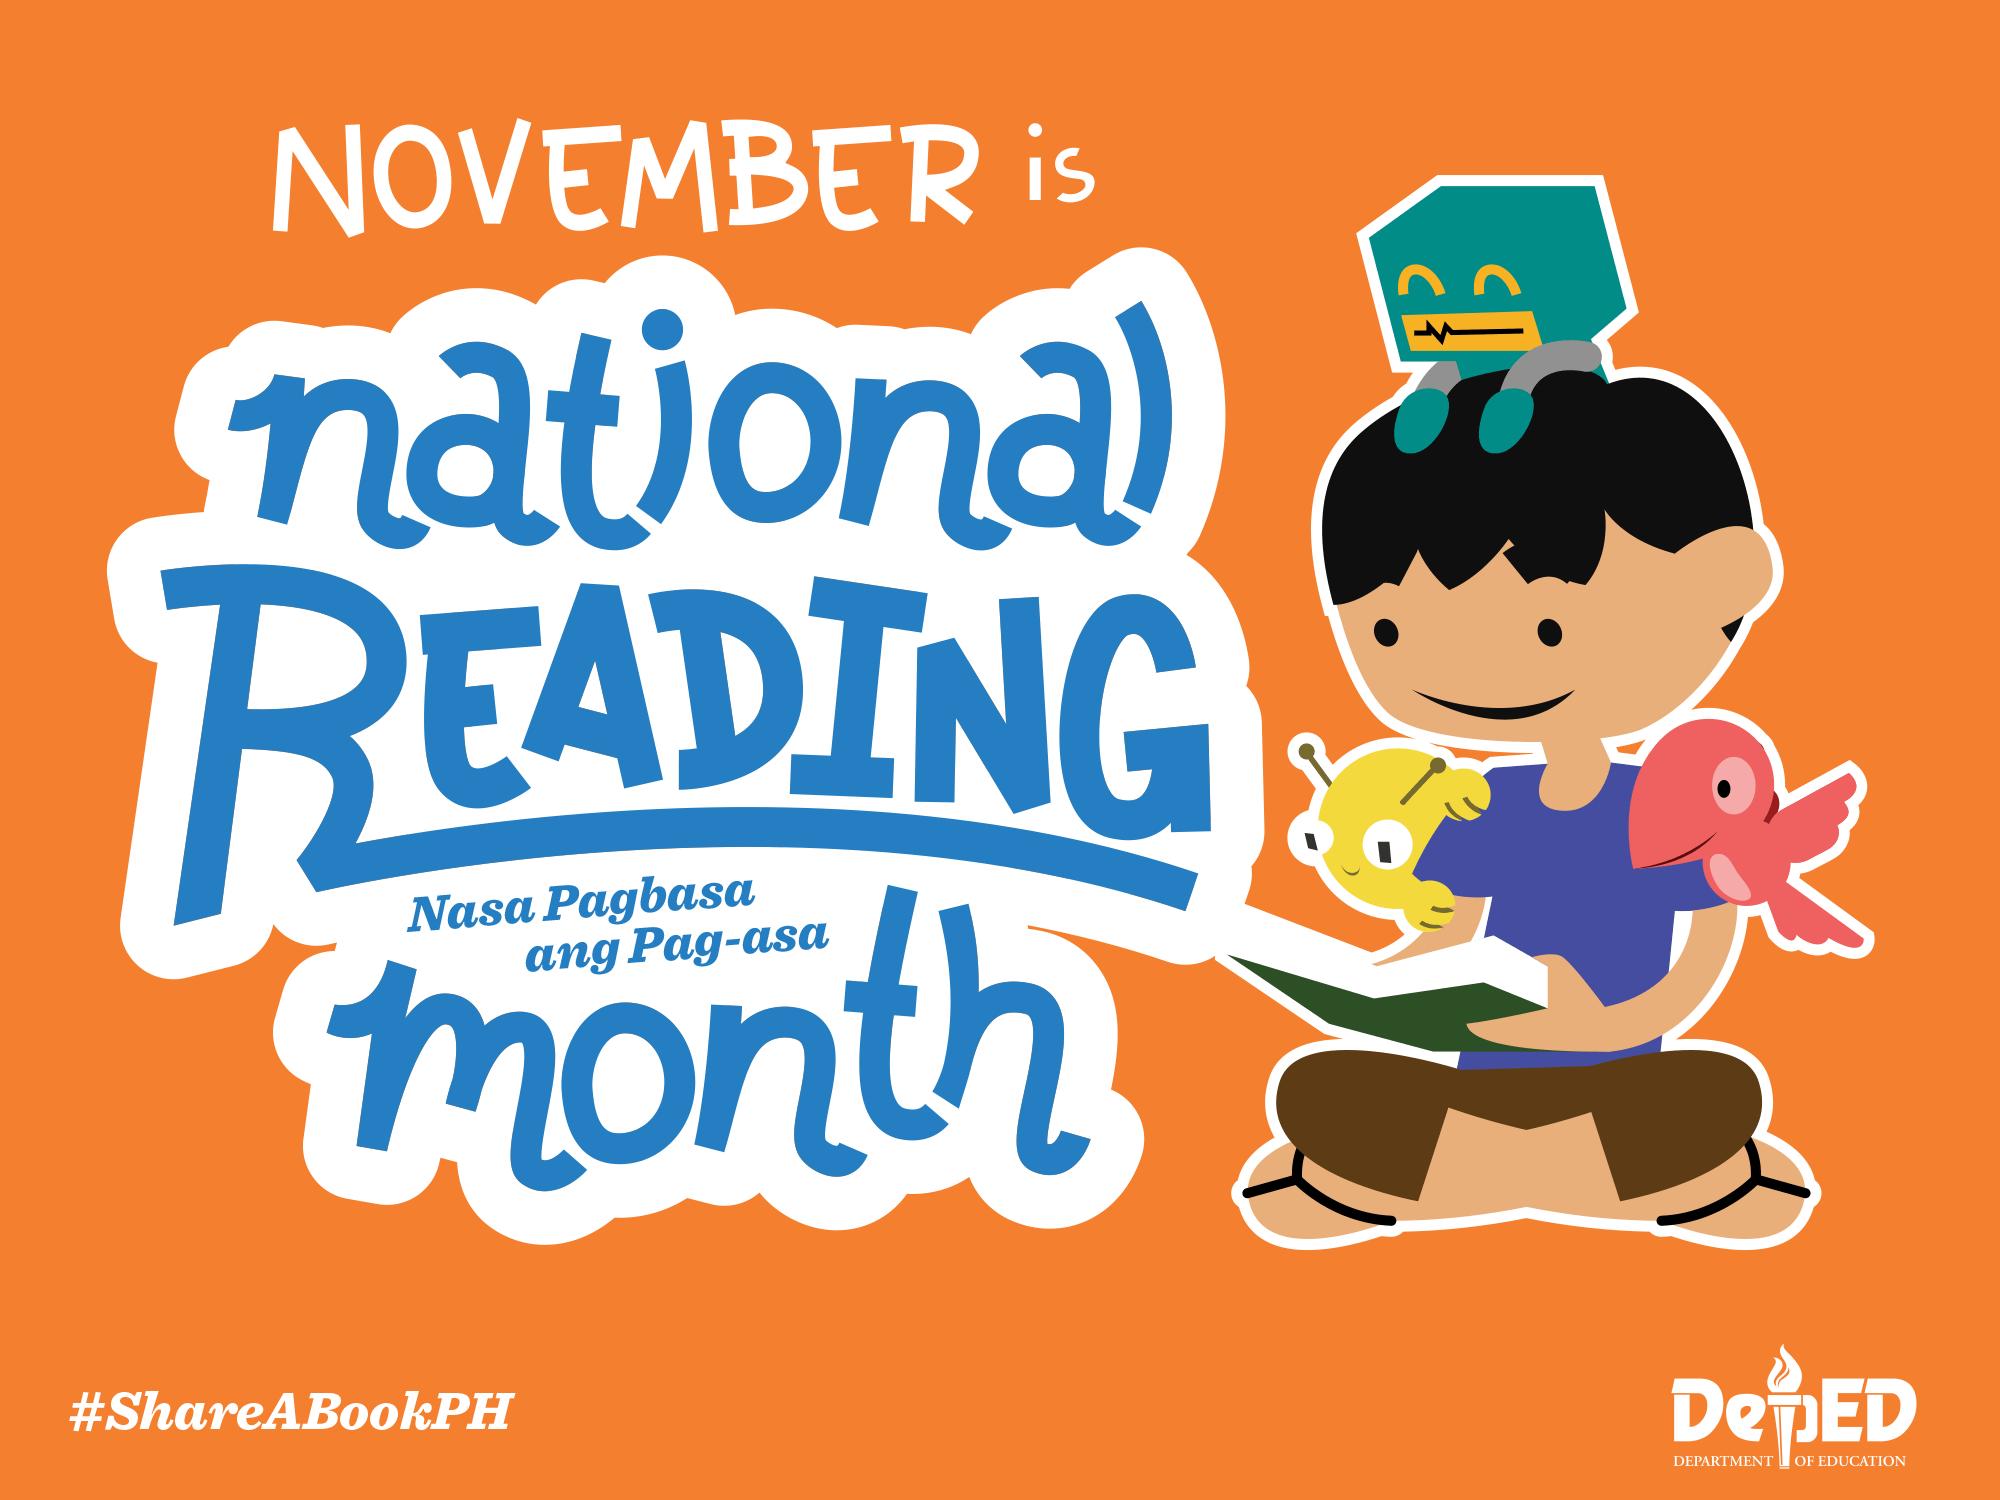 Buwan Ng Pagbasa National Reading Month Official